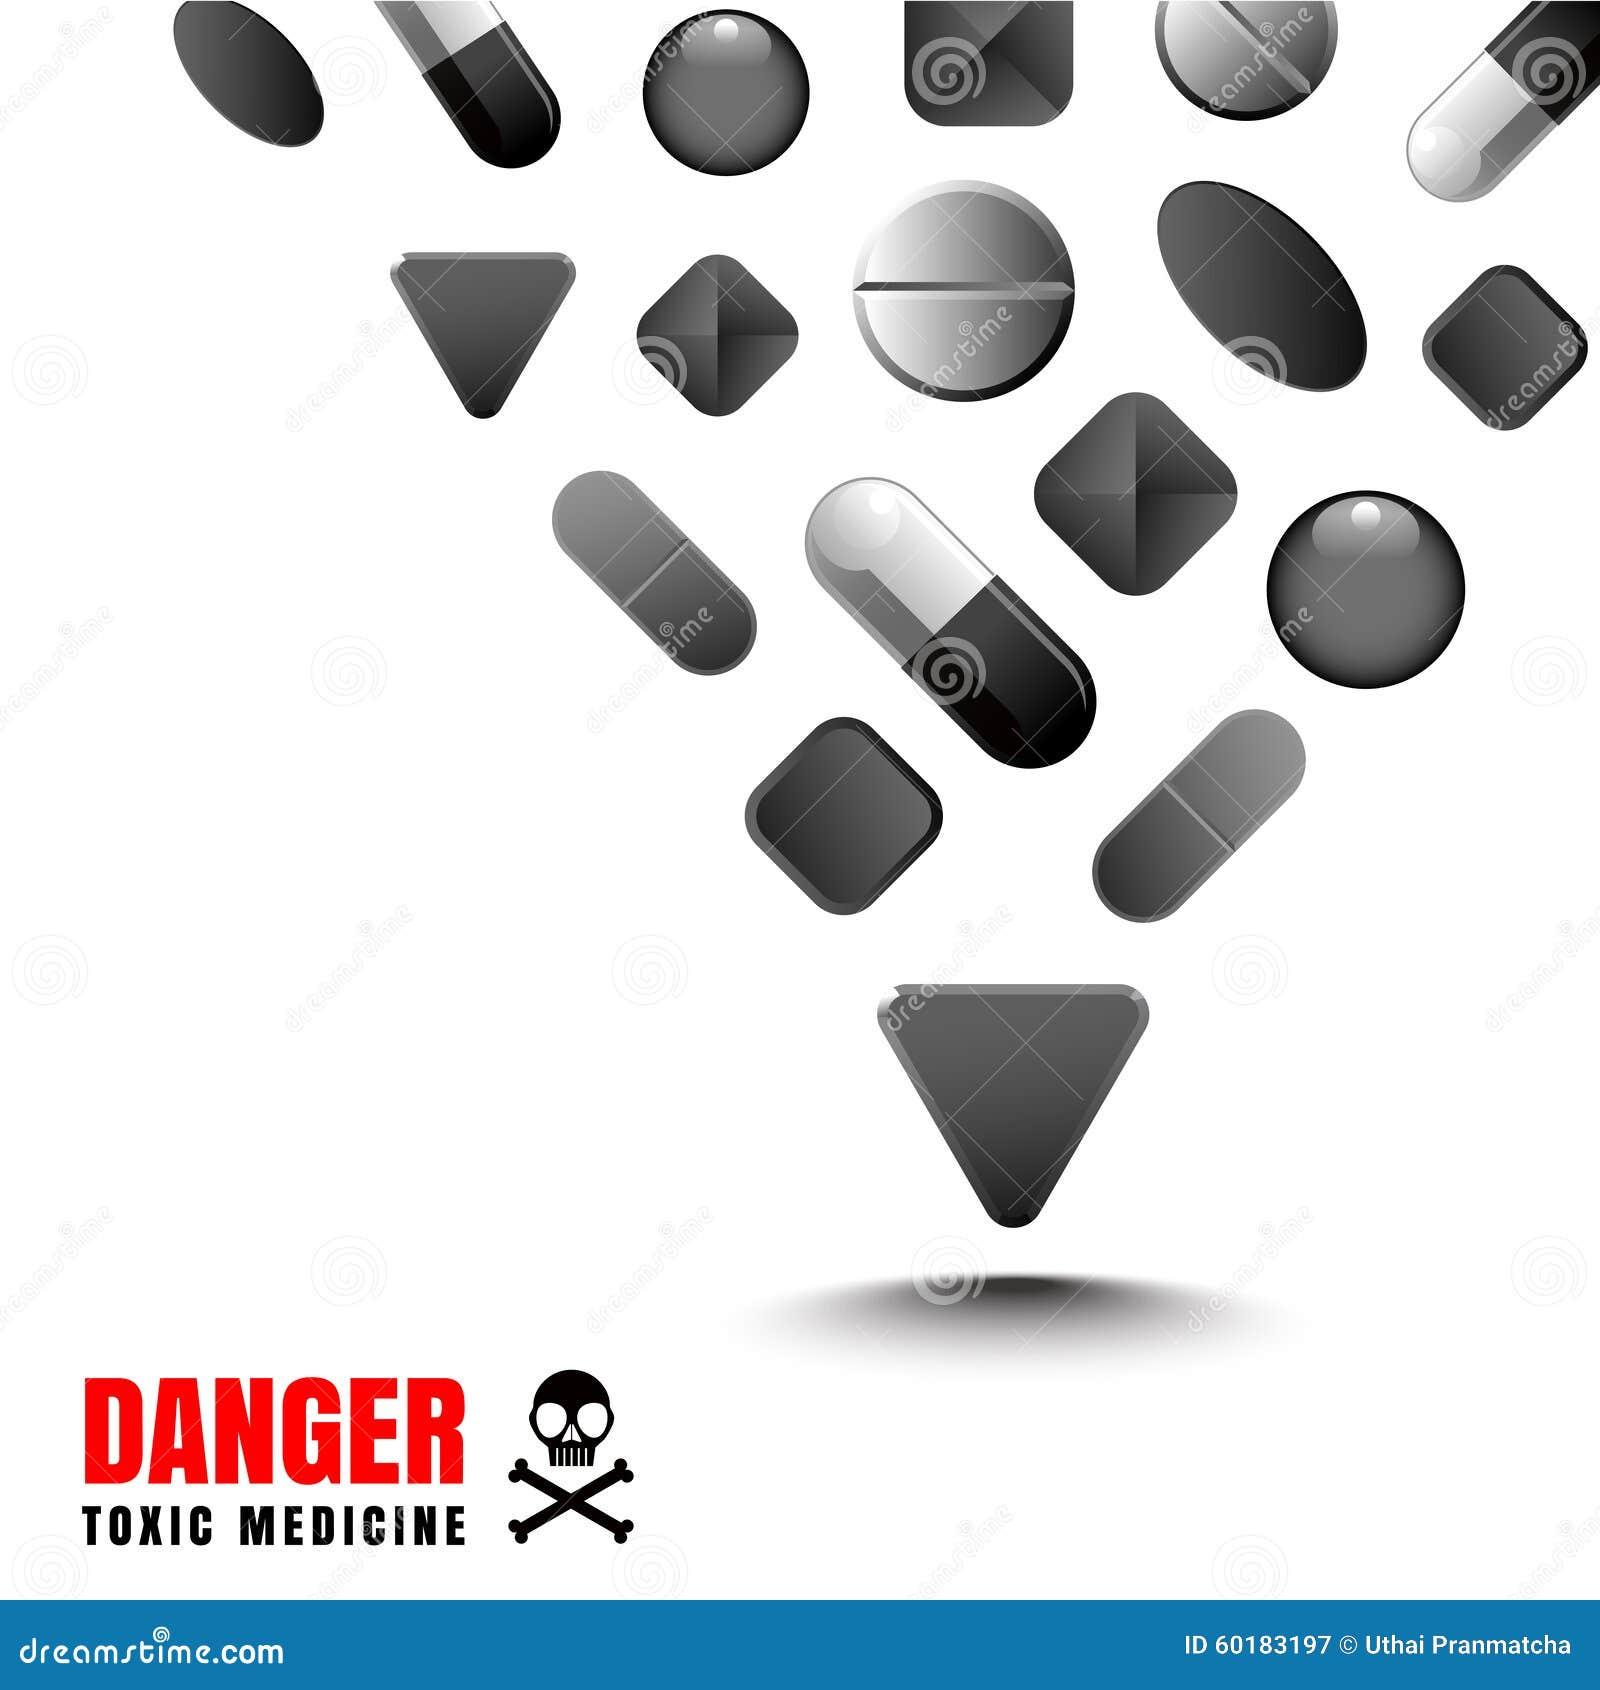 Schwarze Farbe der Droge stellt ein gefährliches und ein giftig dar